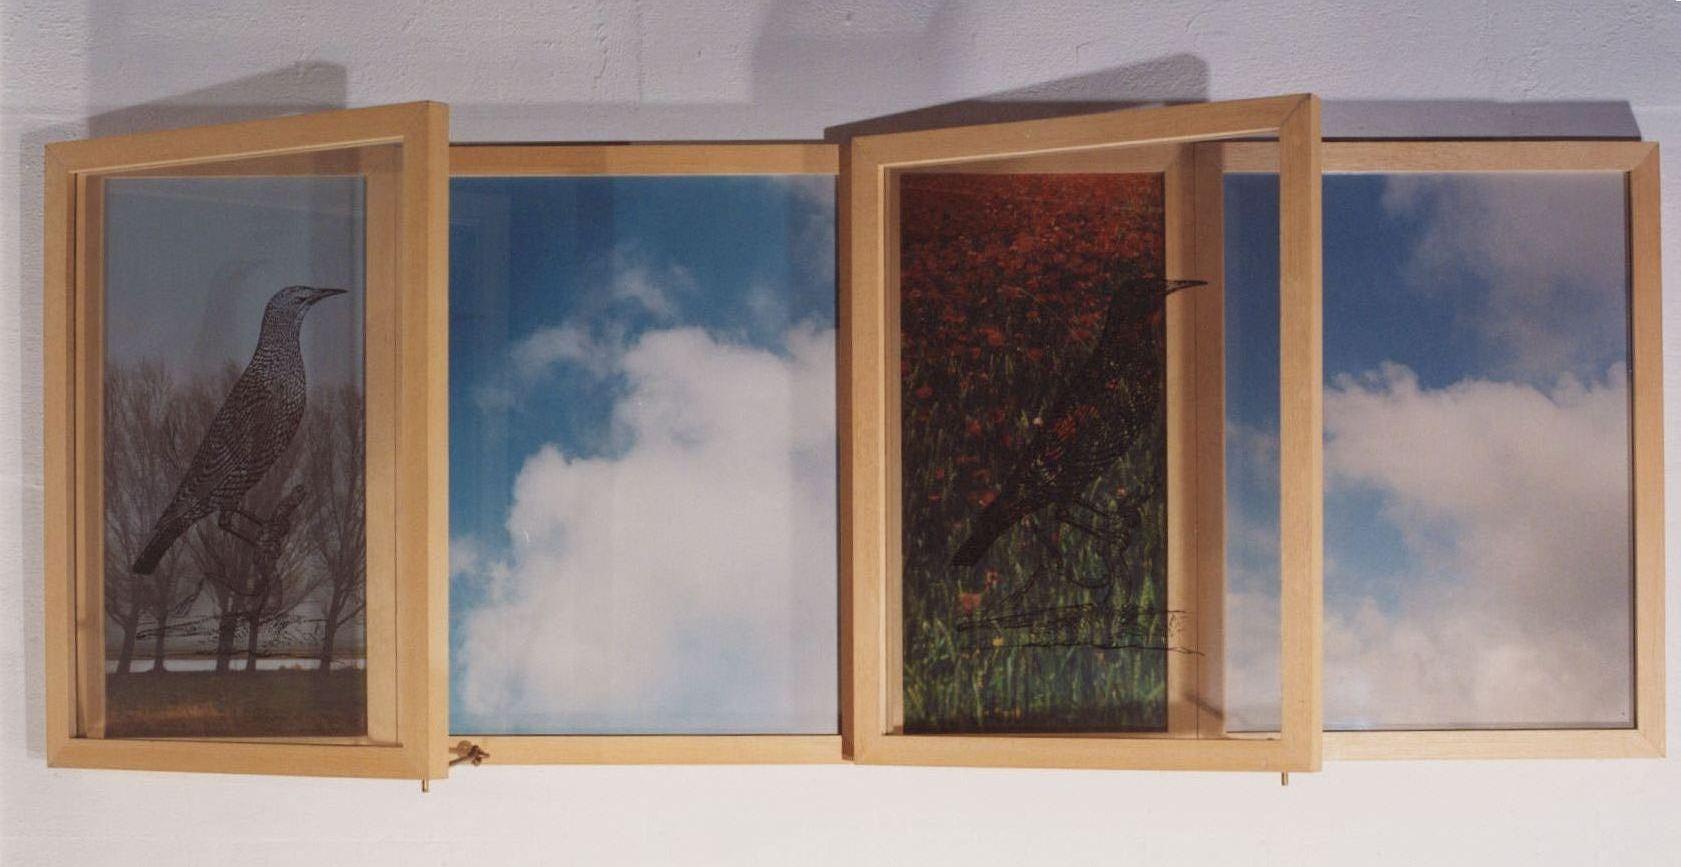 1994-Overwinteraar, foto's, koperen haken, 130x43x15cm